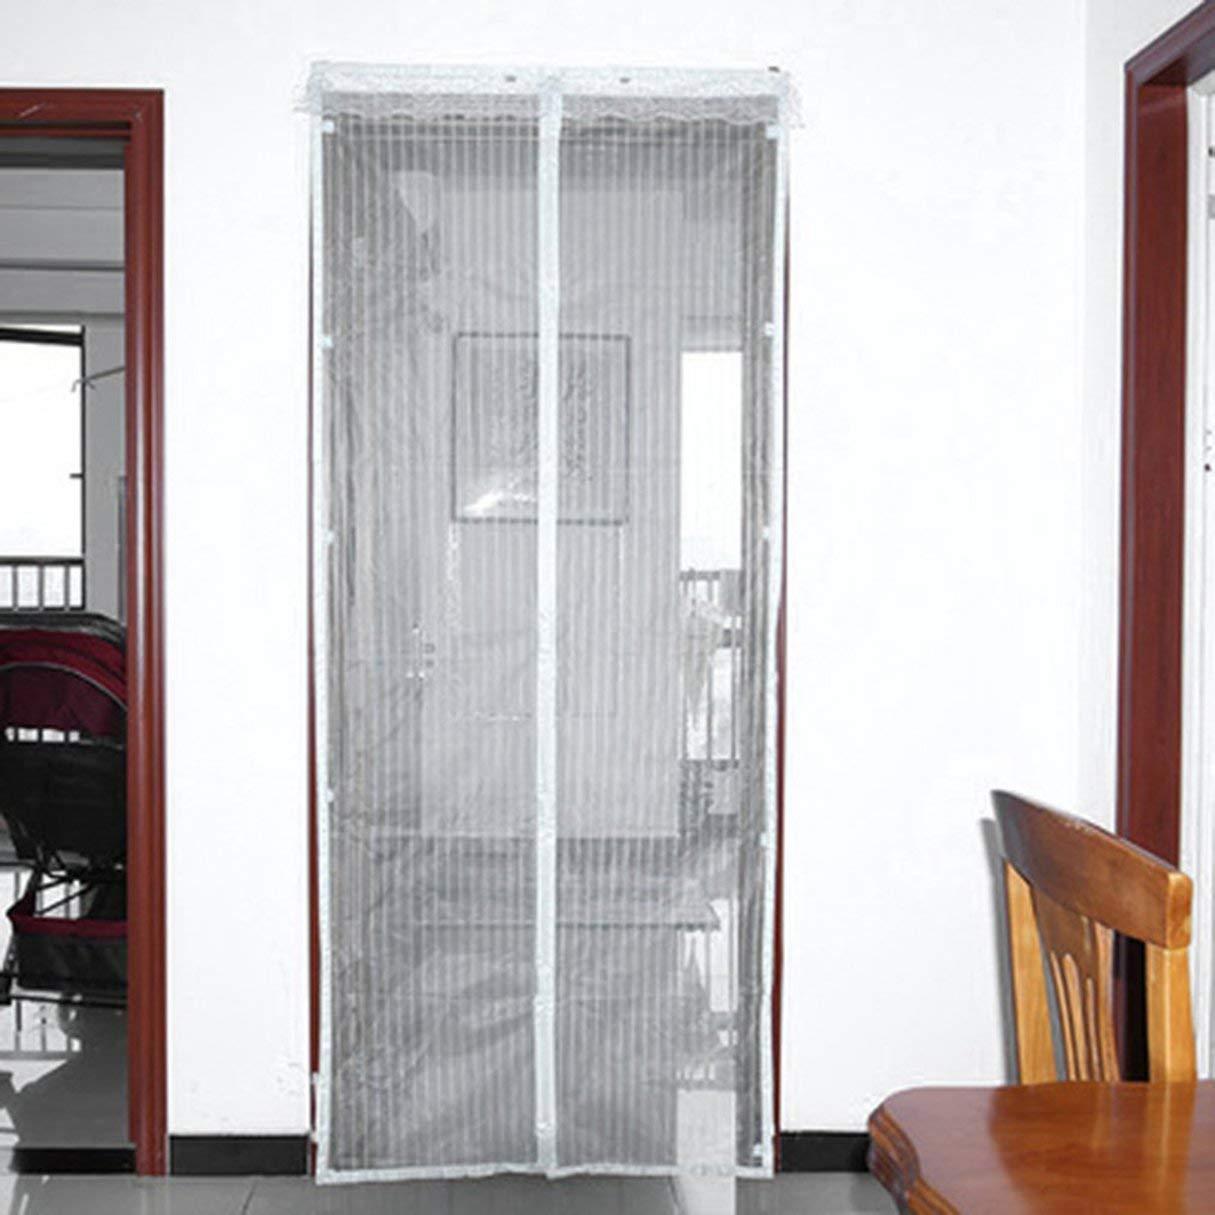 la malla de malla resistente y el velcro de cuadro completo mantienen los insectos fuera permite la entrada de aire fresco./No m/ás mosquitos o insectos./Puerta de cierre autom/ática de malla ma La puerta de mosquiteras Magnetic Fly